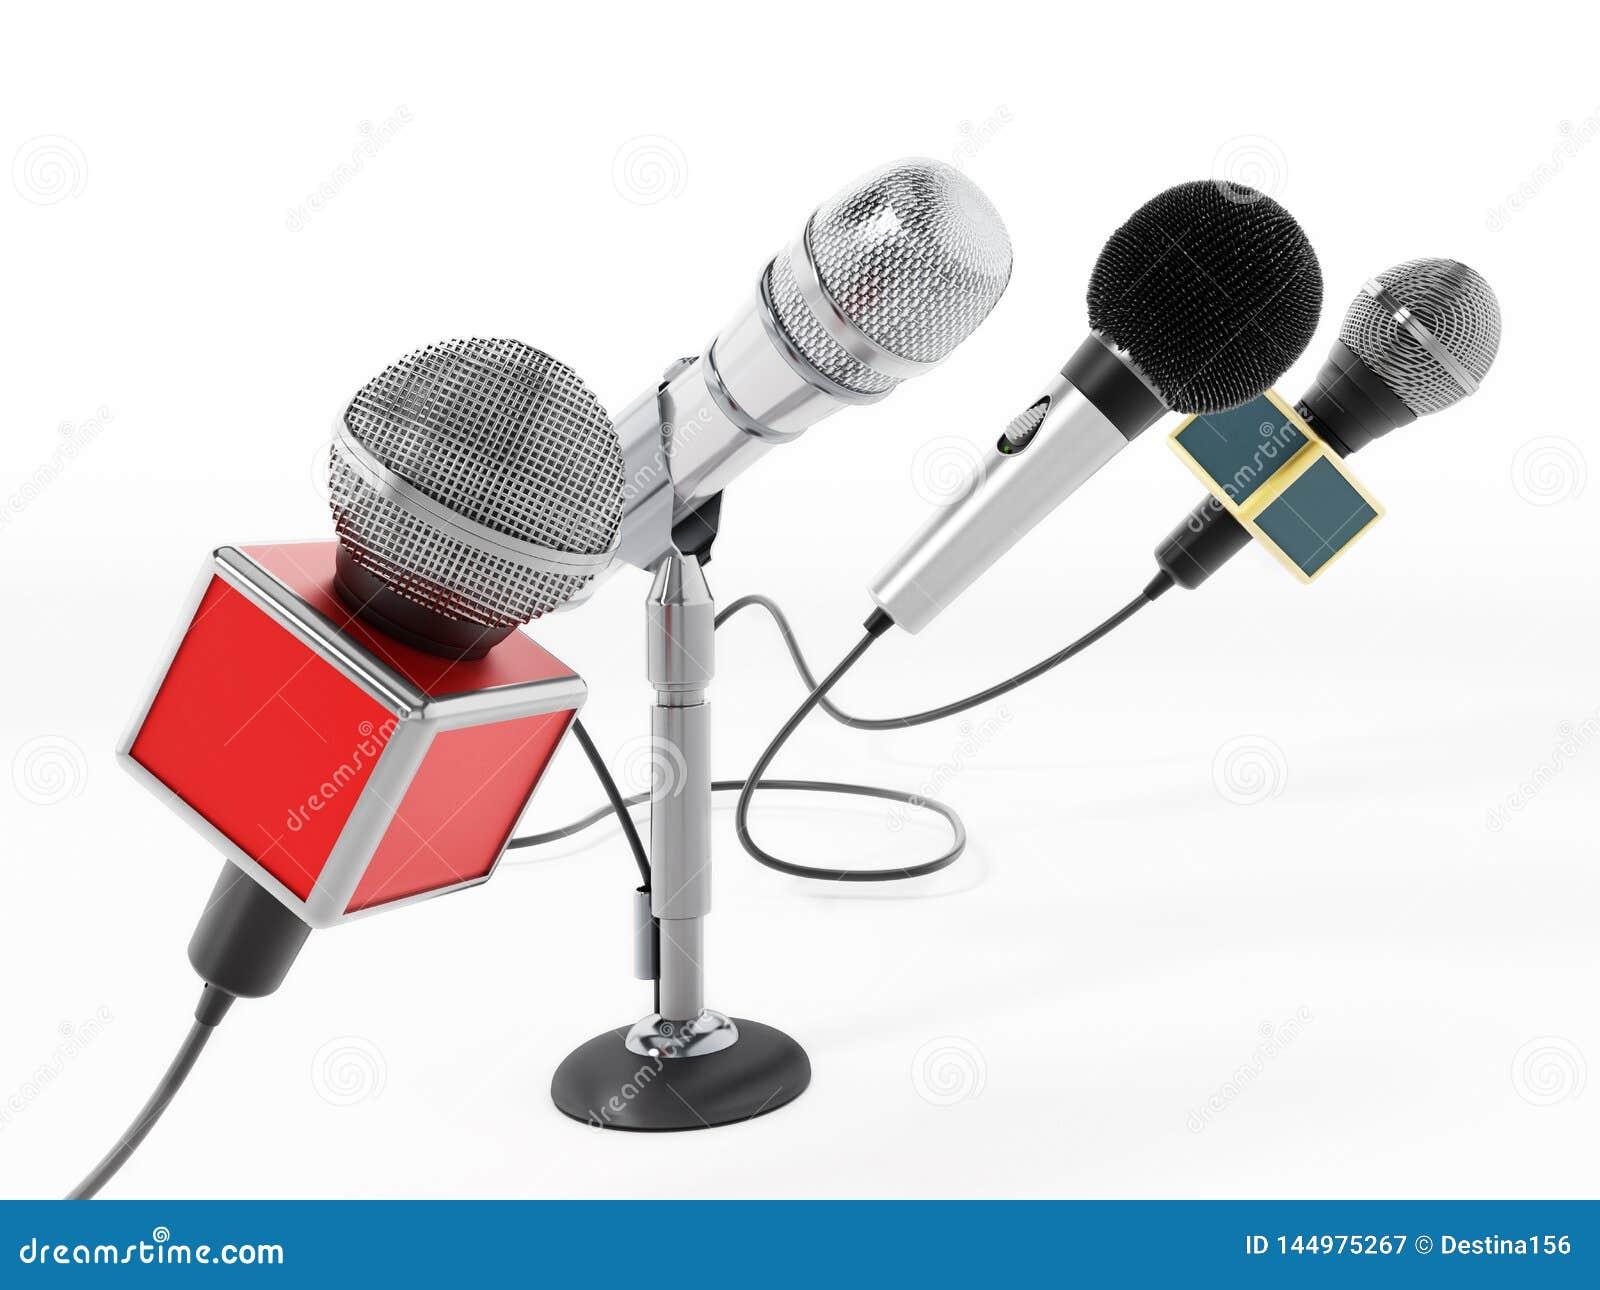 Ευθυγραμμισμένα μικρόφωνα ειδήσεων που απομονώνονται στο άσπρο υπόβαθρο r